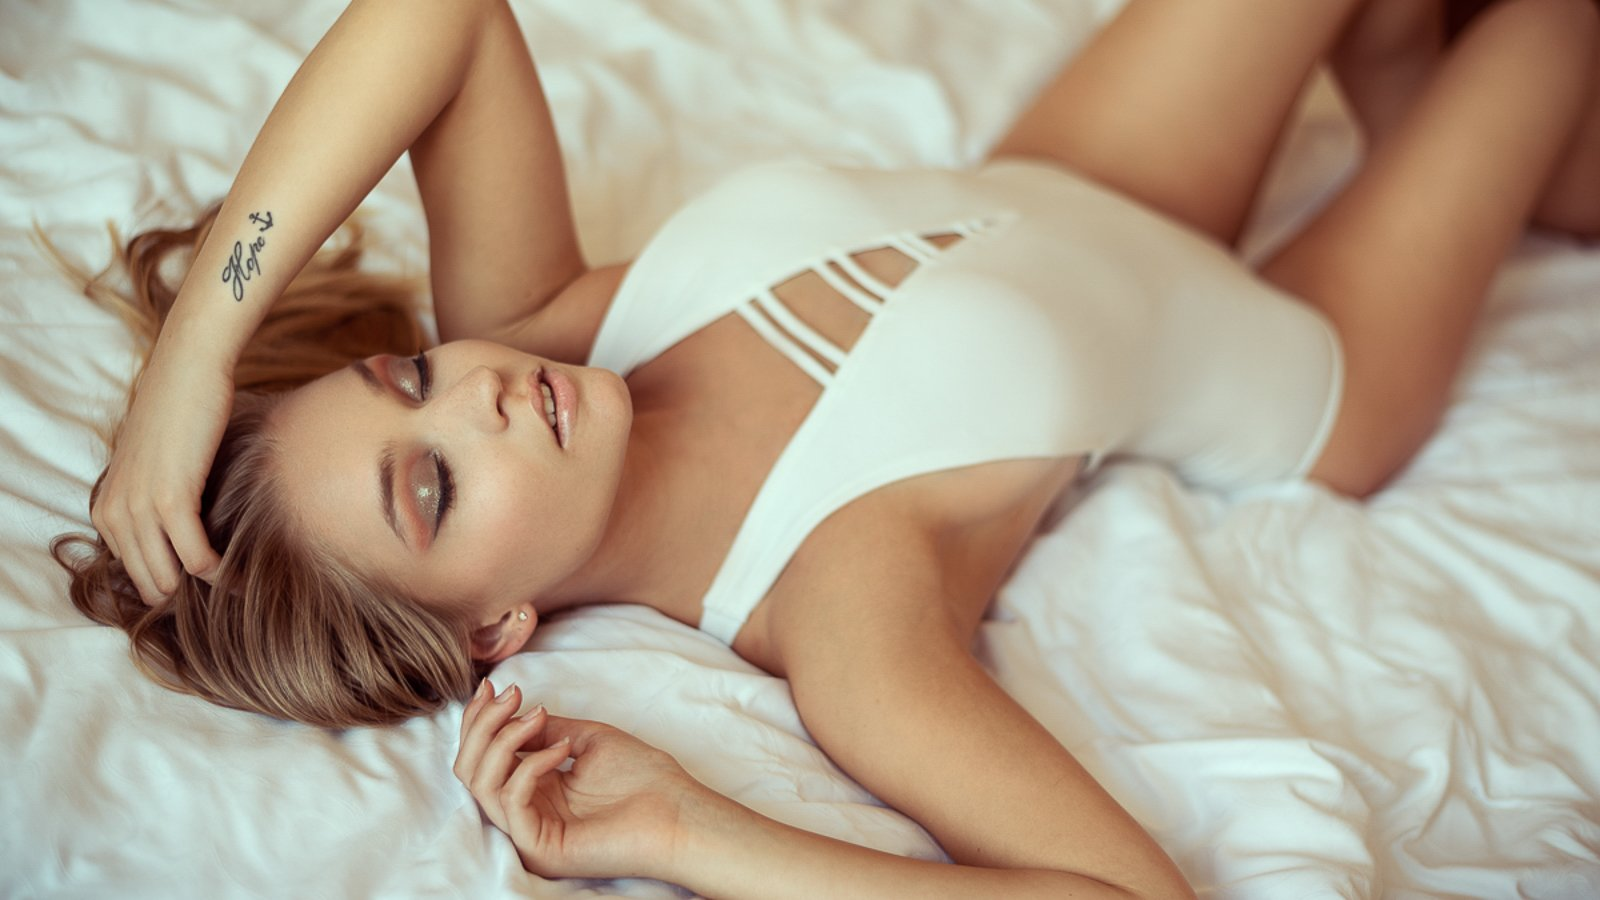 Michalina – sesja sensualna